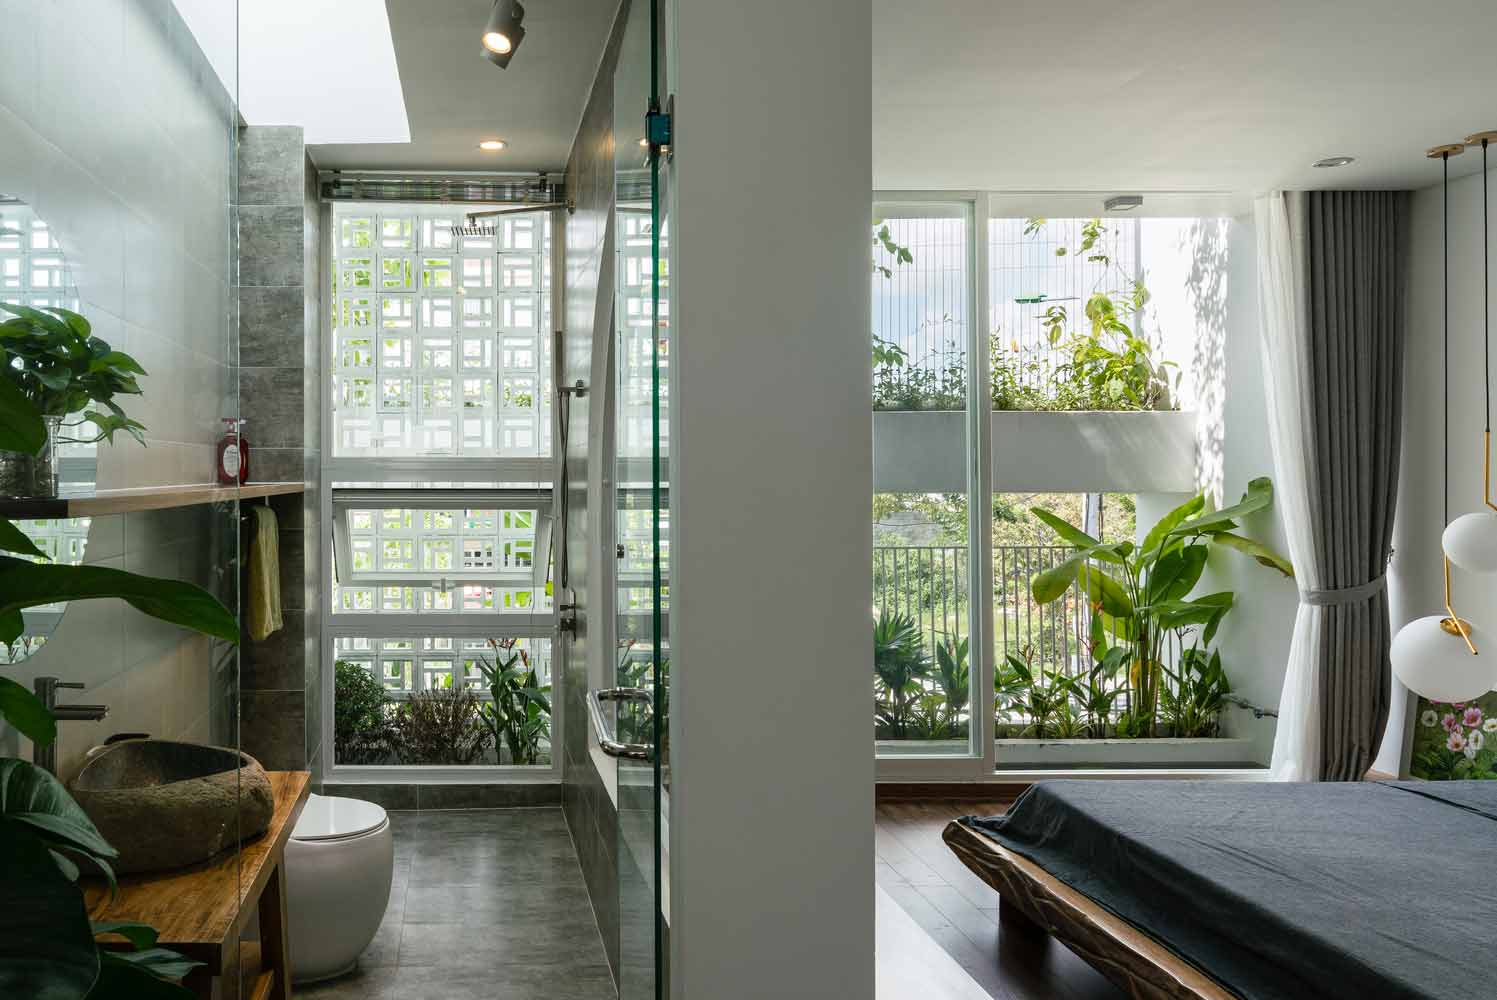 Jendela rumah besar membuka akses cahaya dan pandangan lebih luas, karya Q Concept // archdaily.com